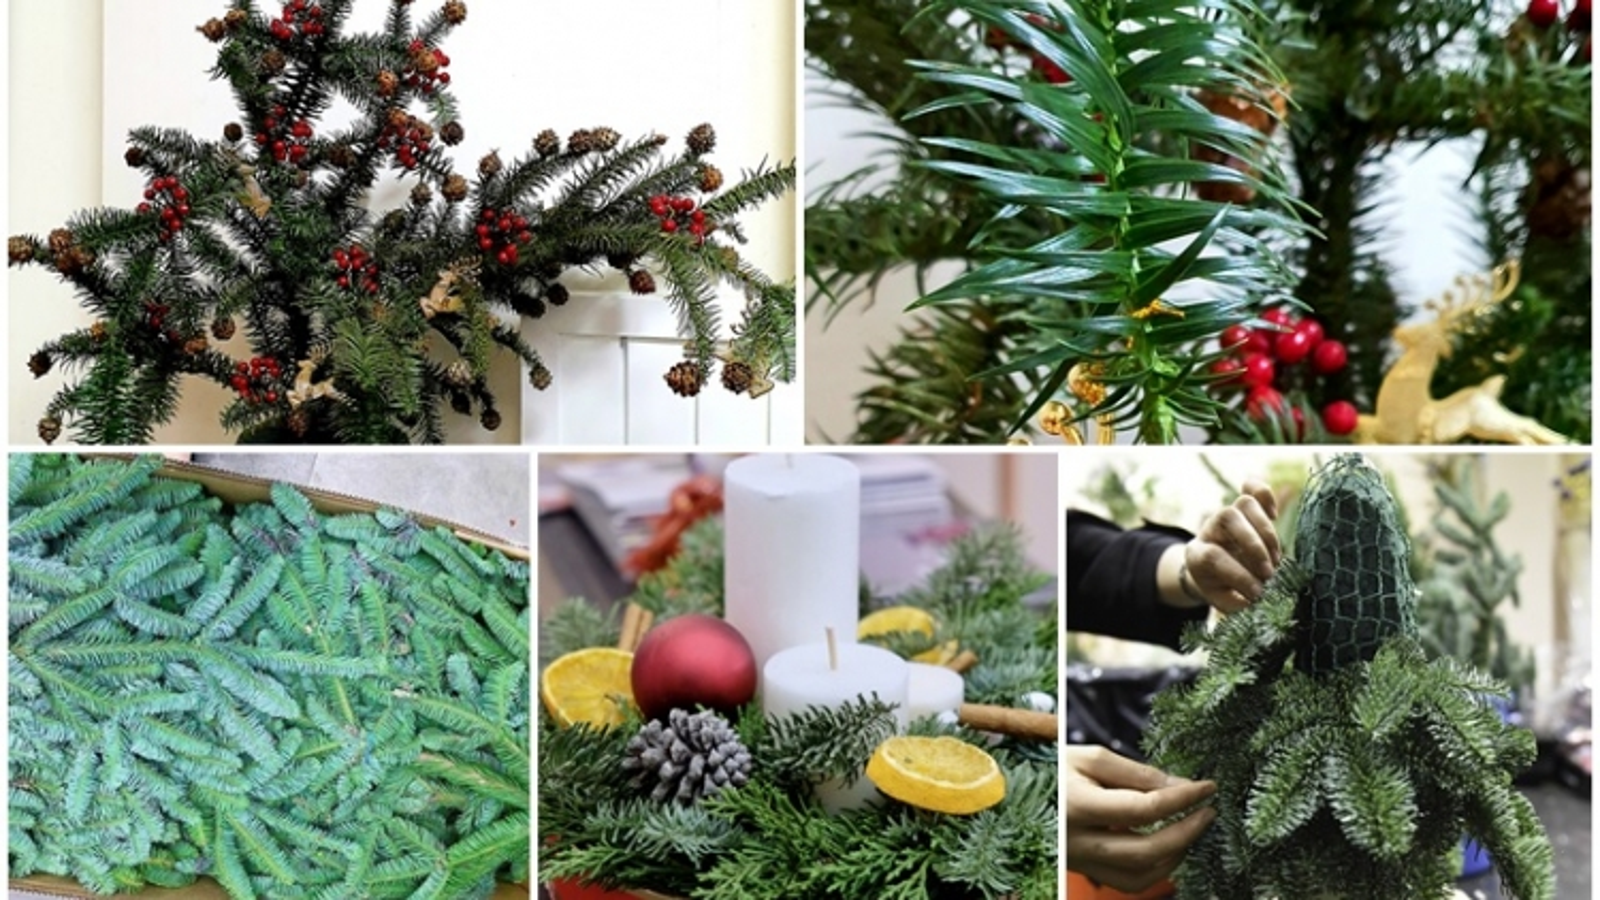 Dân Hà thành tới tấp đặt mua cành thông tươi về trang trí Giáng sinh